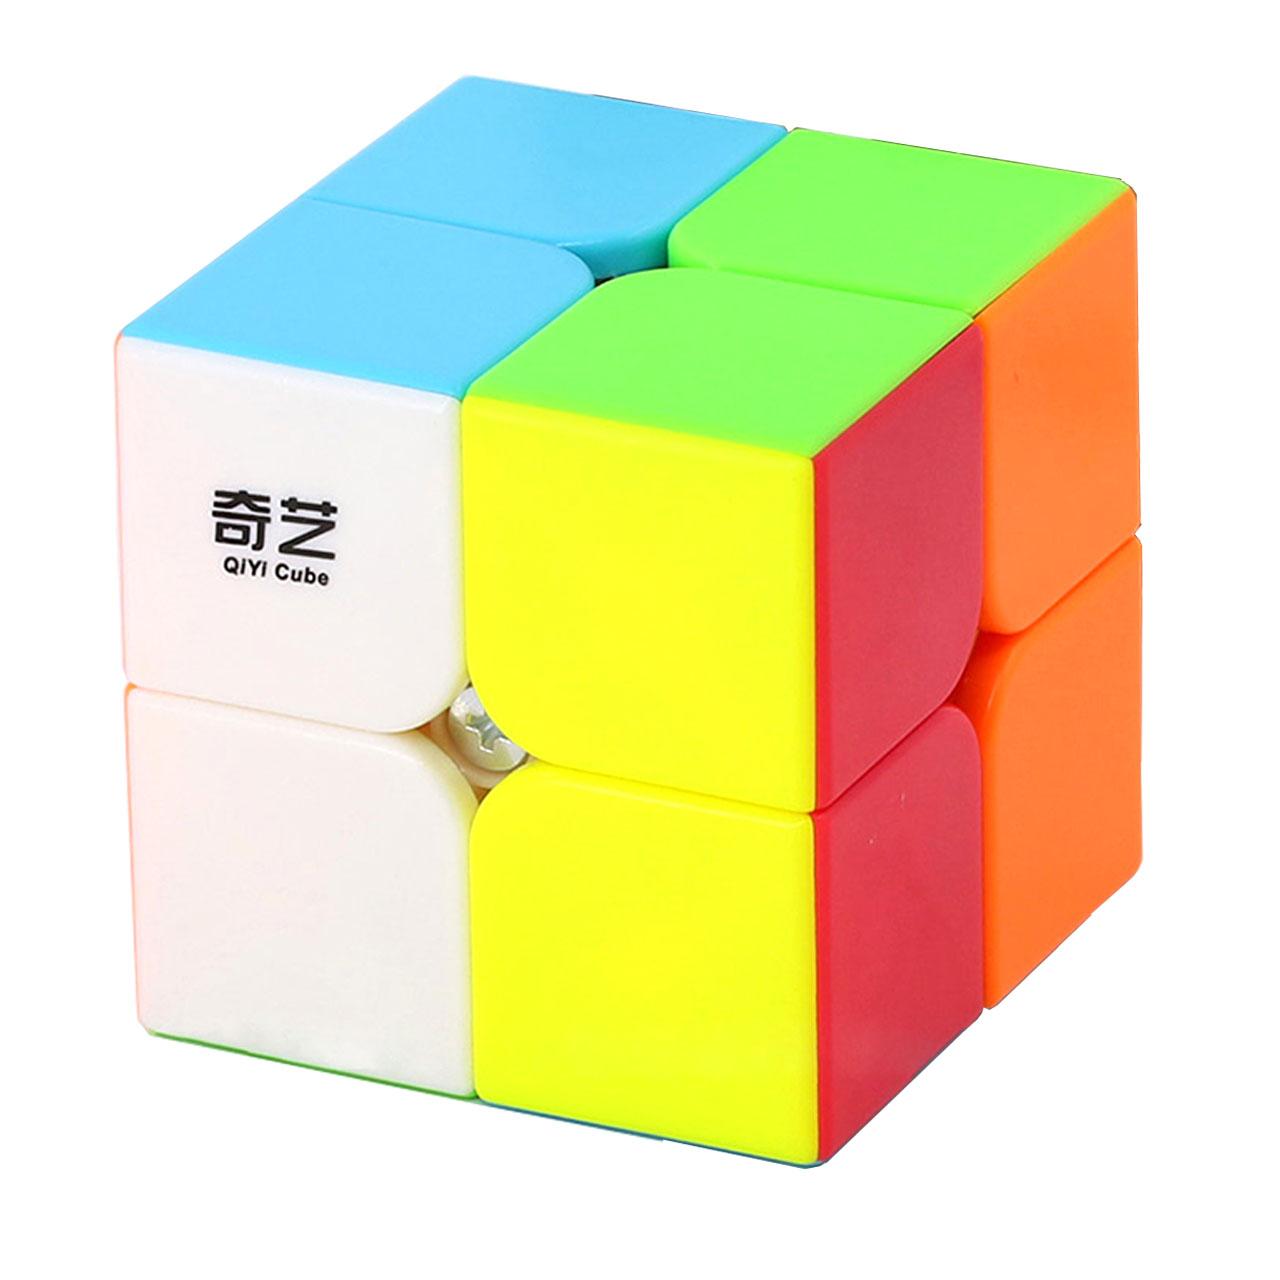 عکس مکعب روبیک کای وای مدل QiDi کد 220